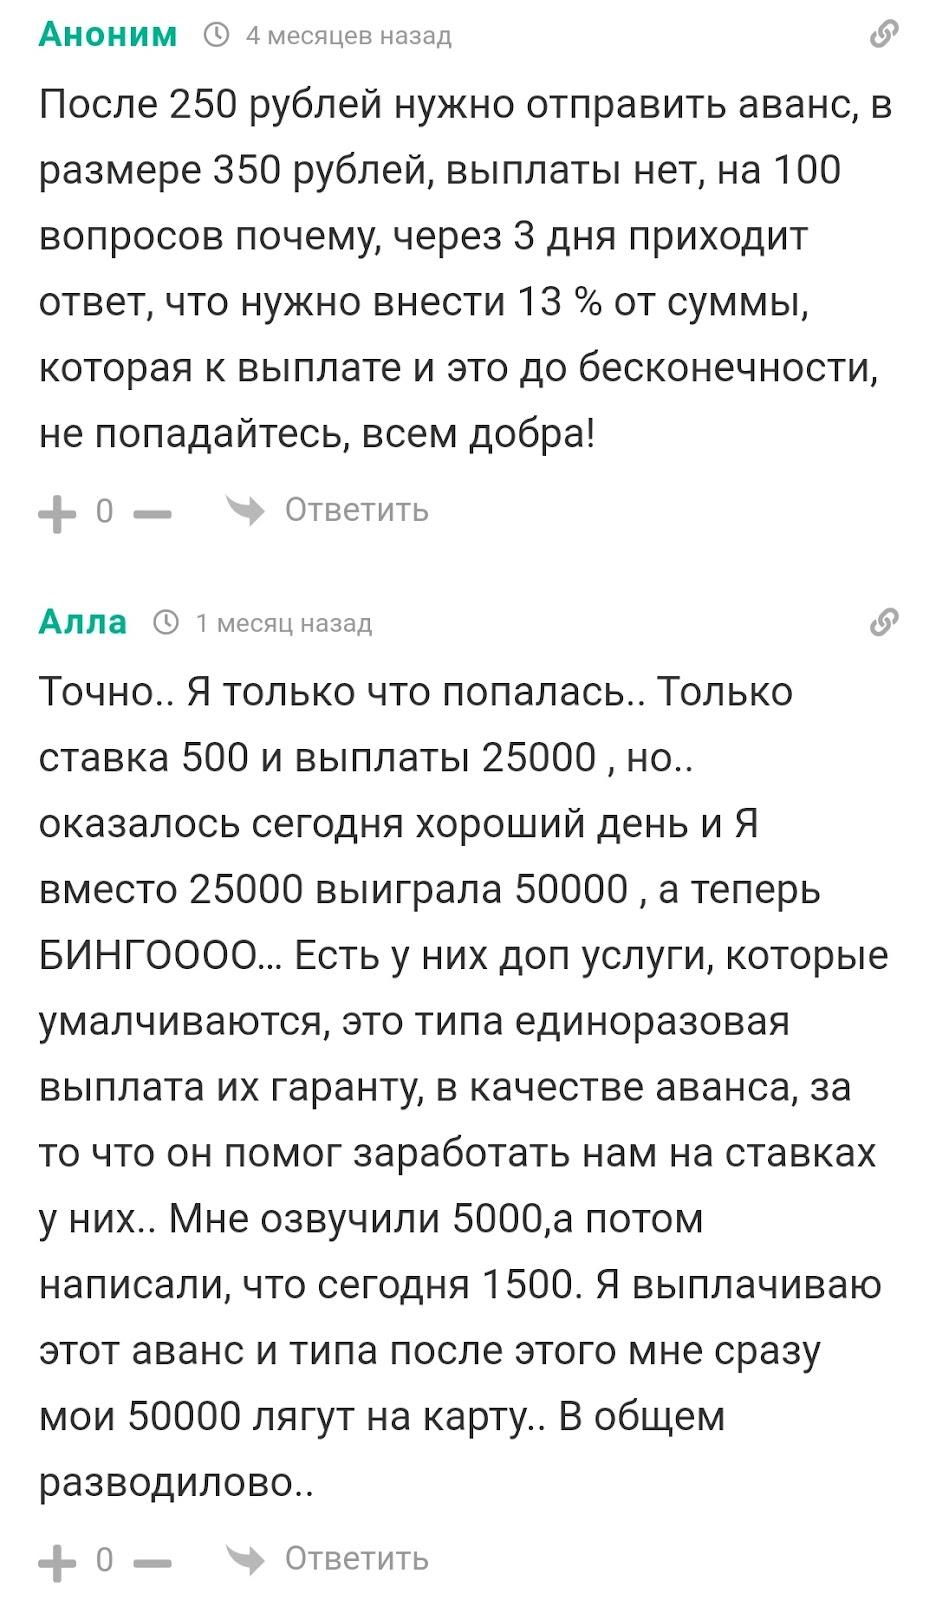 Отзывы о канале Деньги решают всё в Телеграмме